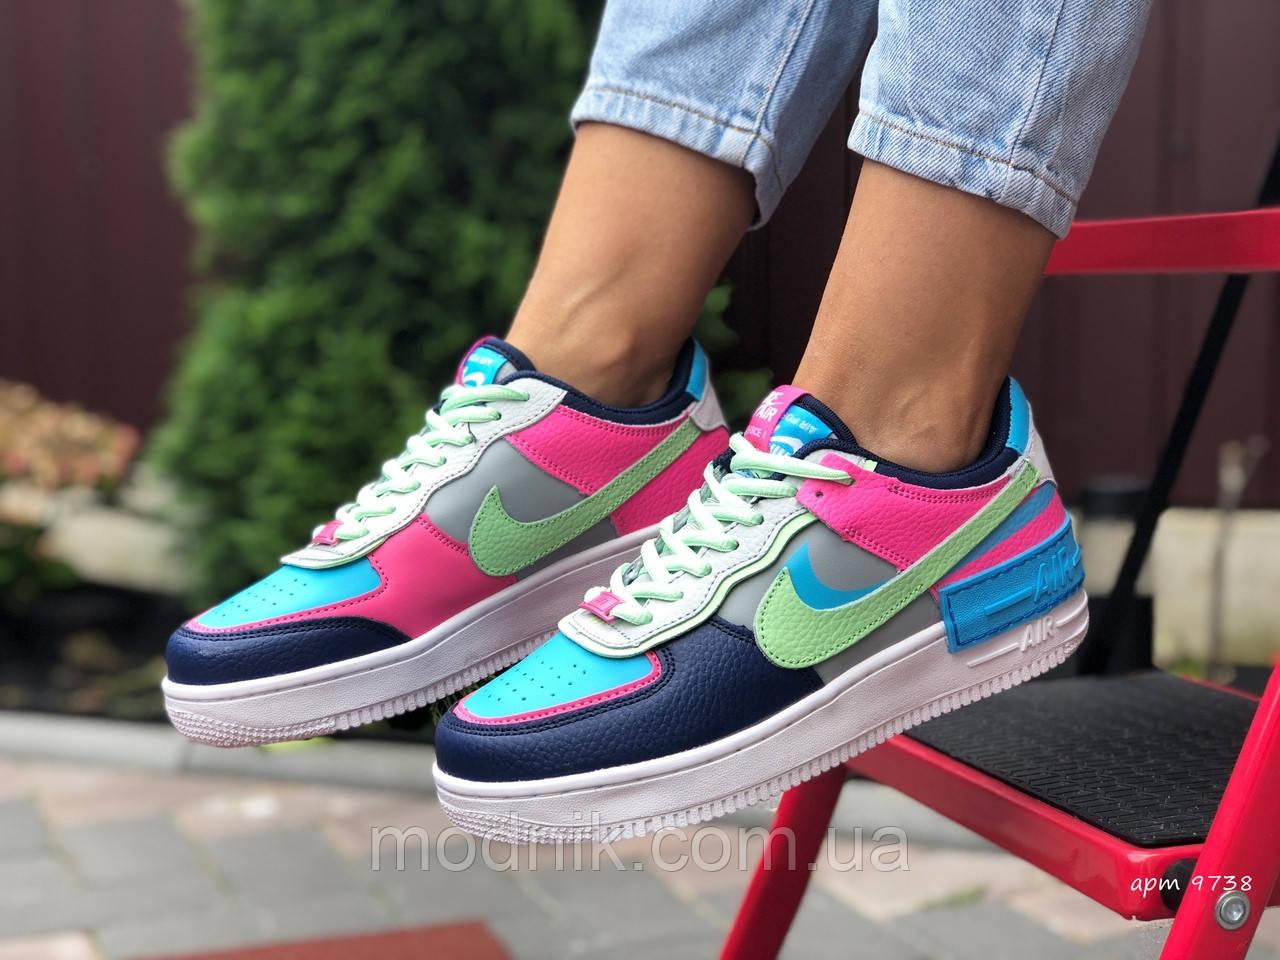 Женские кроссовки Nike Air Force 1 Shadow (серо-салатовые с розовым) 9738